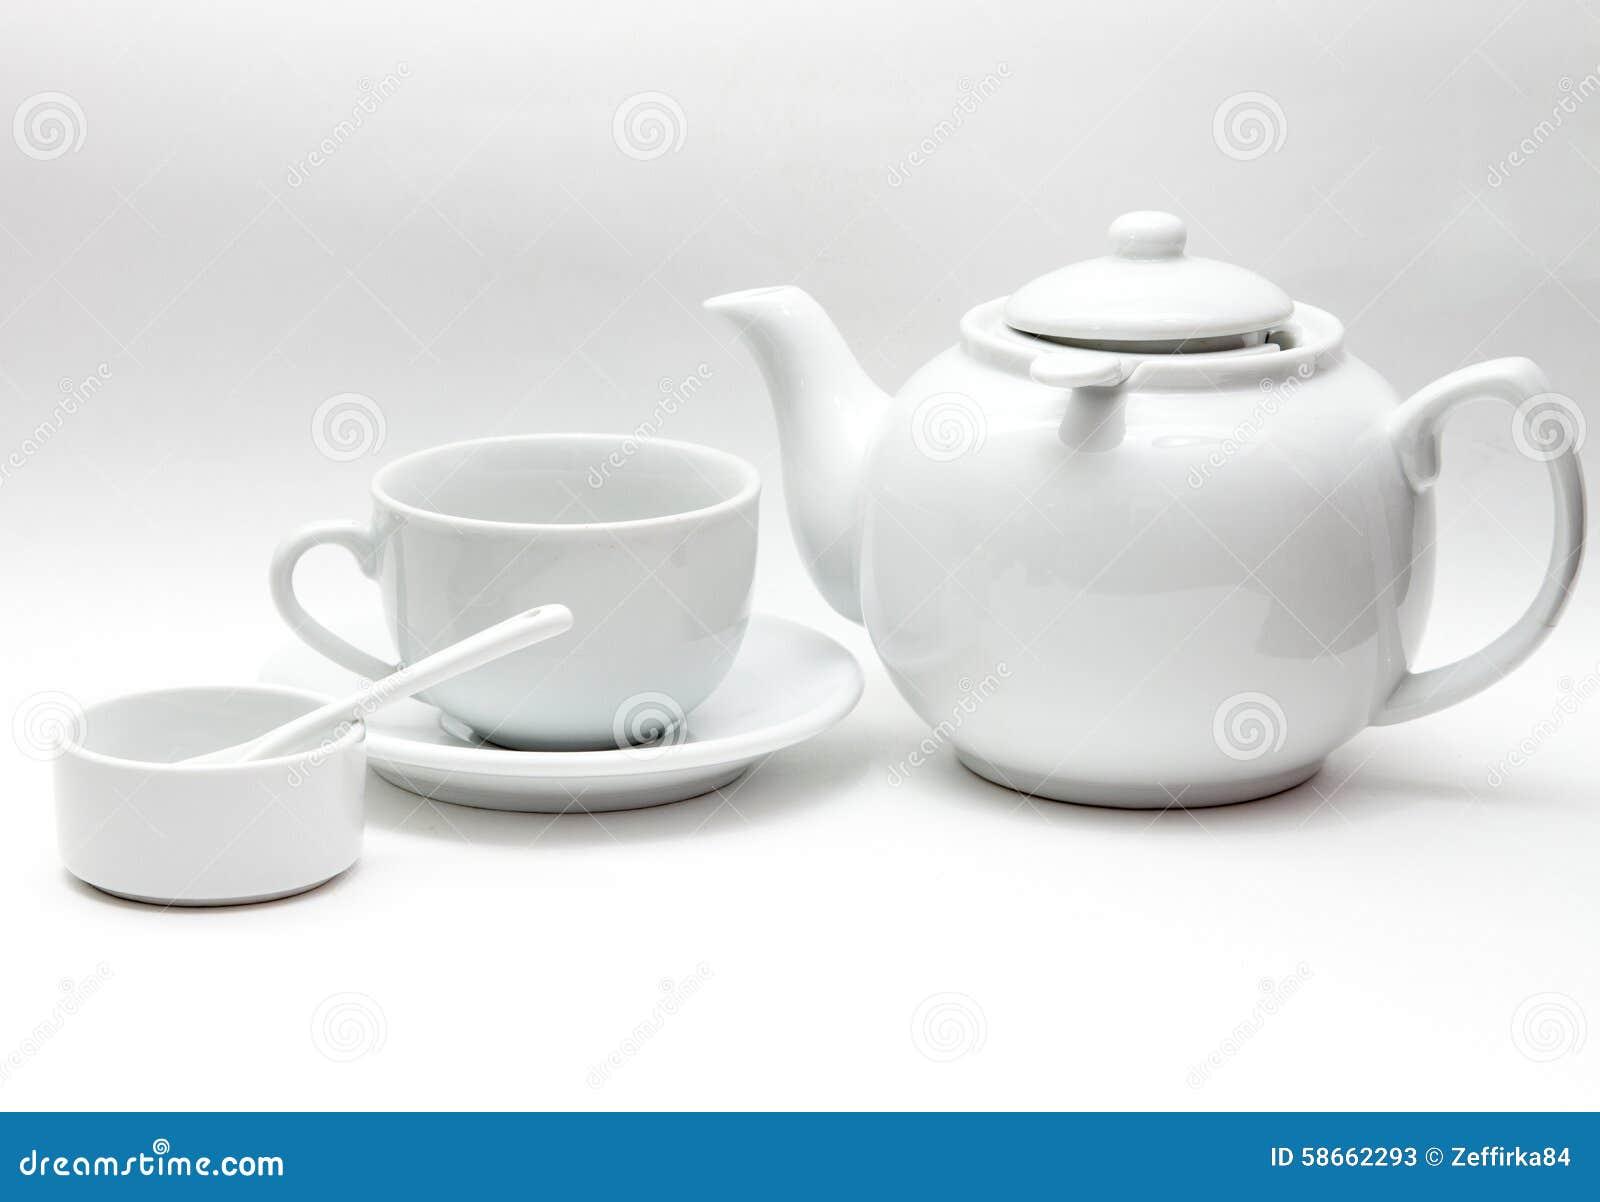 Белый tableware, большой чайник, чашка, шар